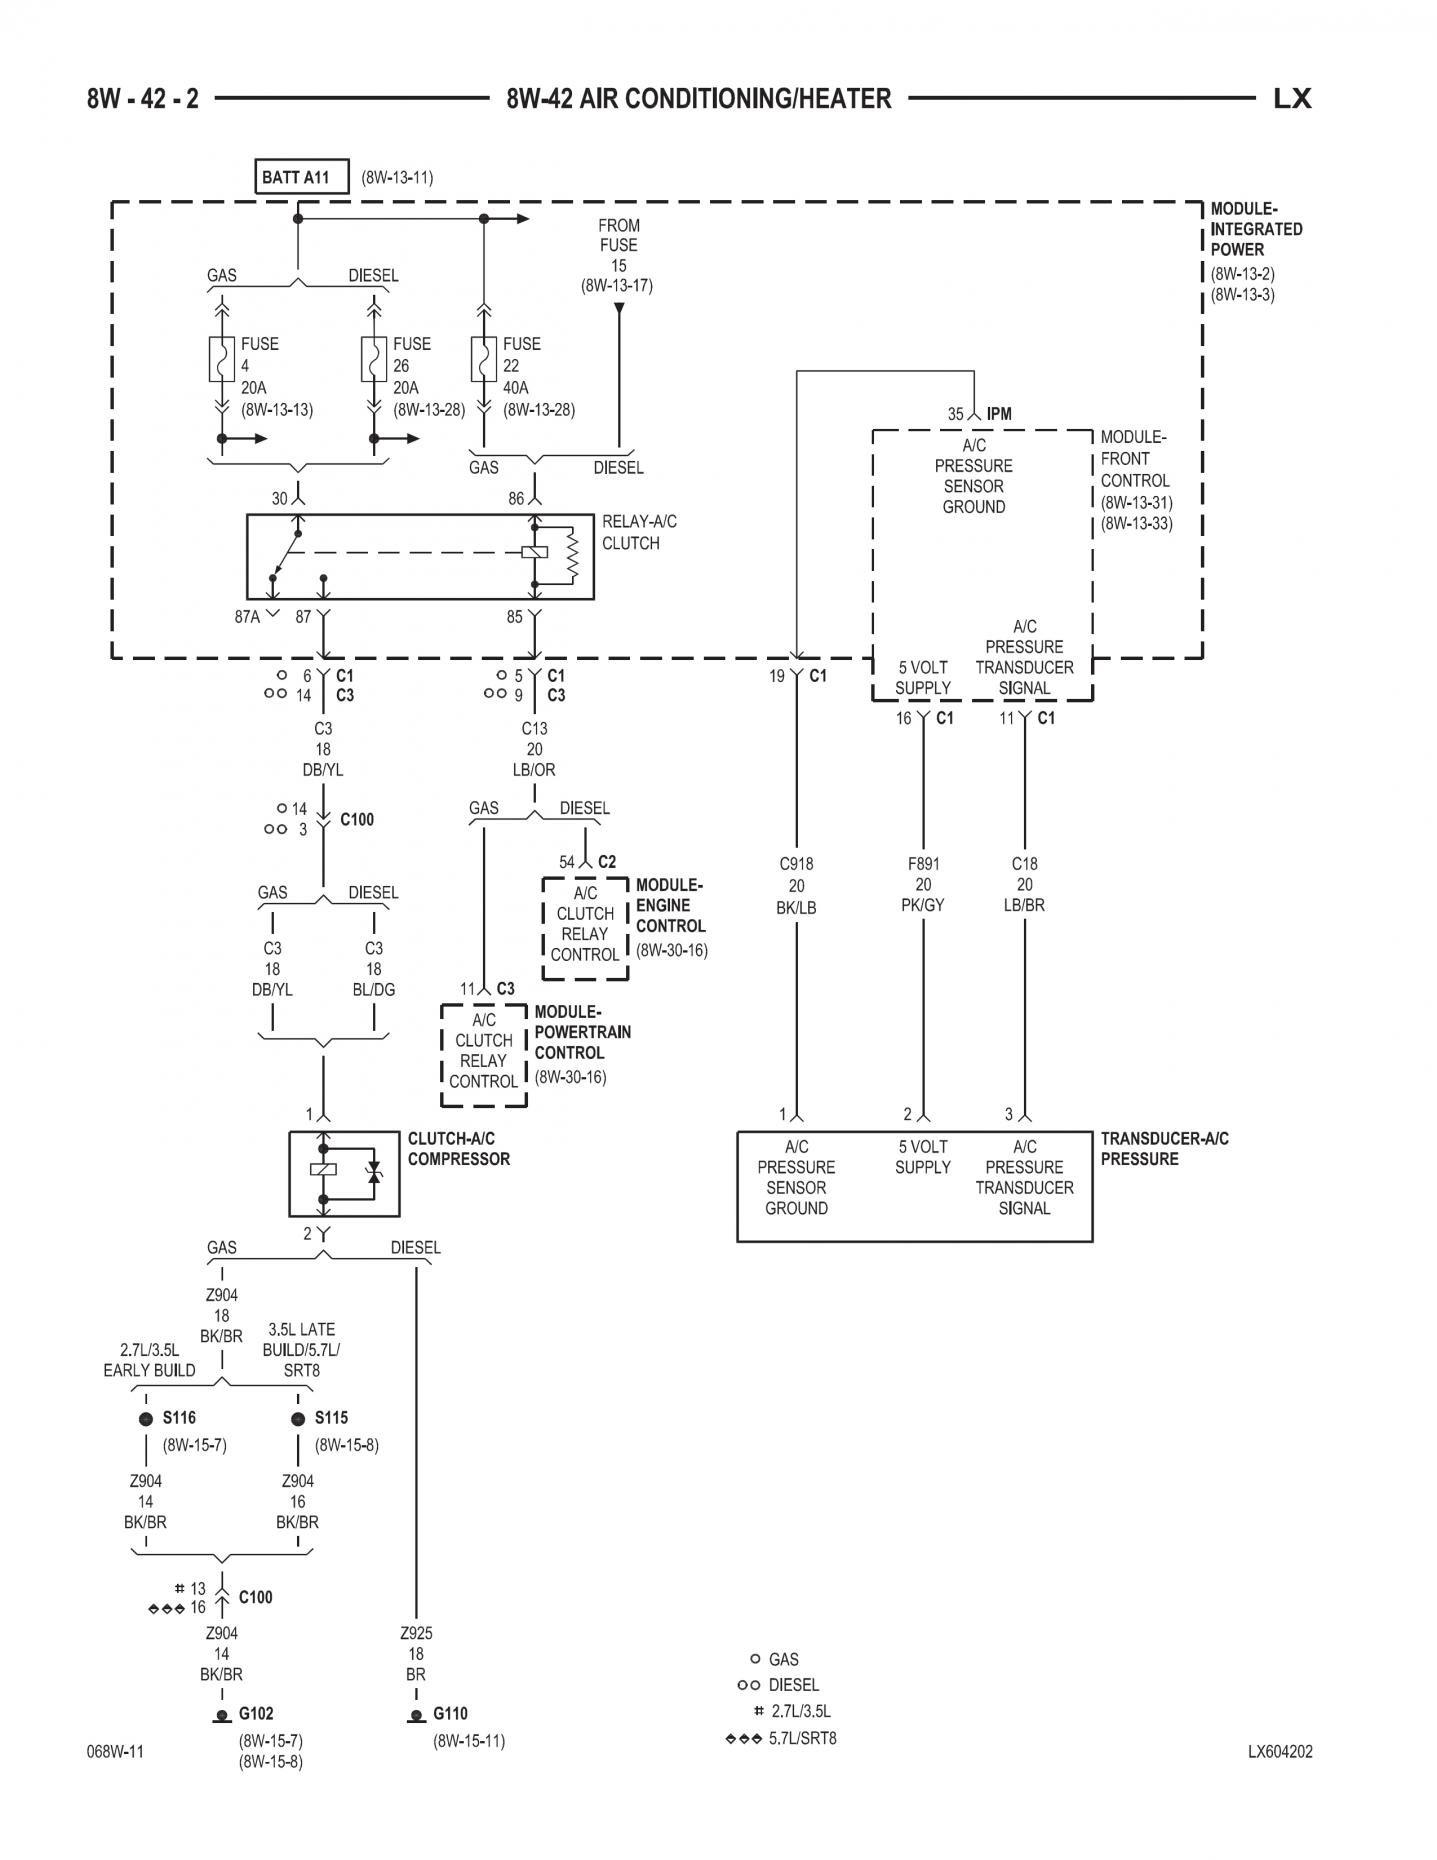 2006 Chrysler 300 Ac Wiring - Schematics Online on